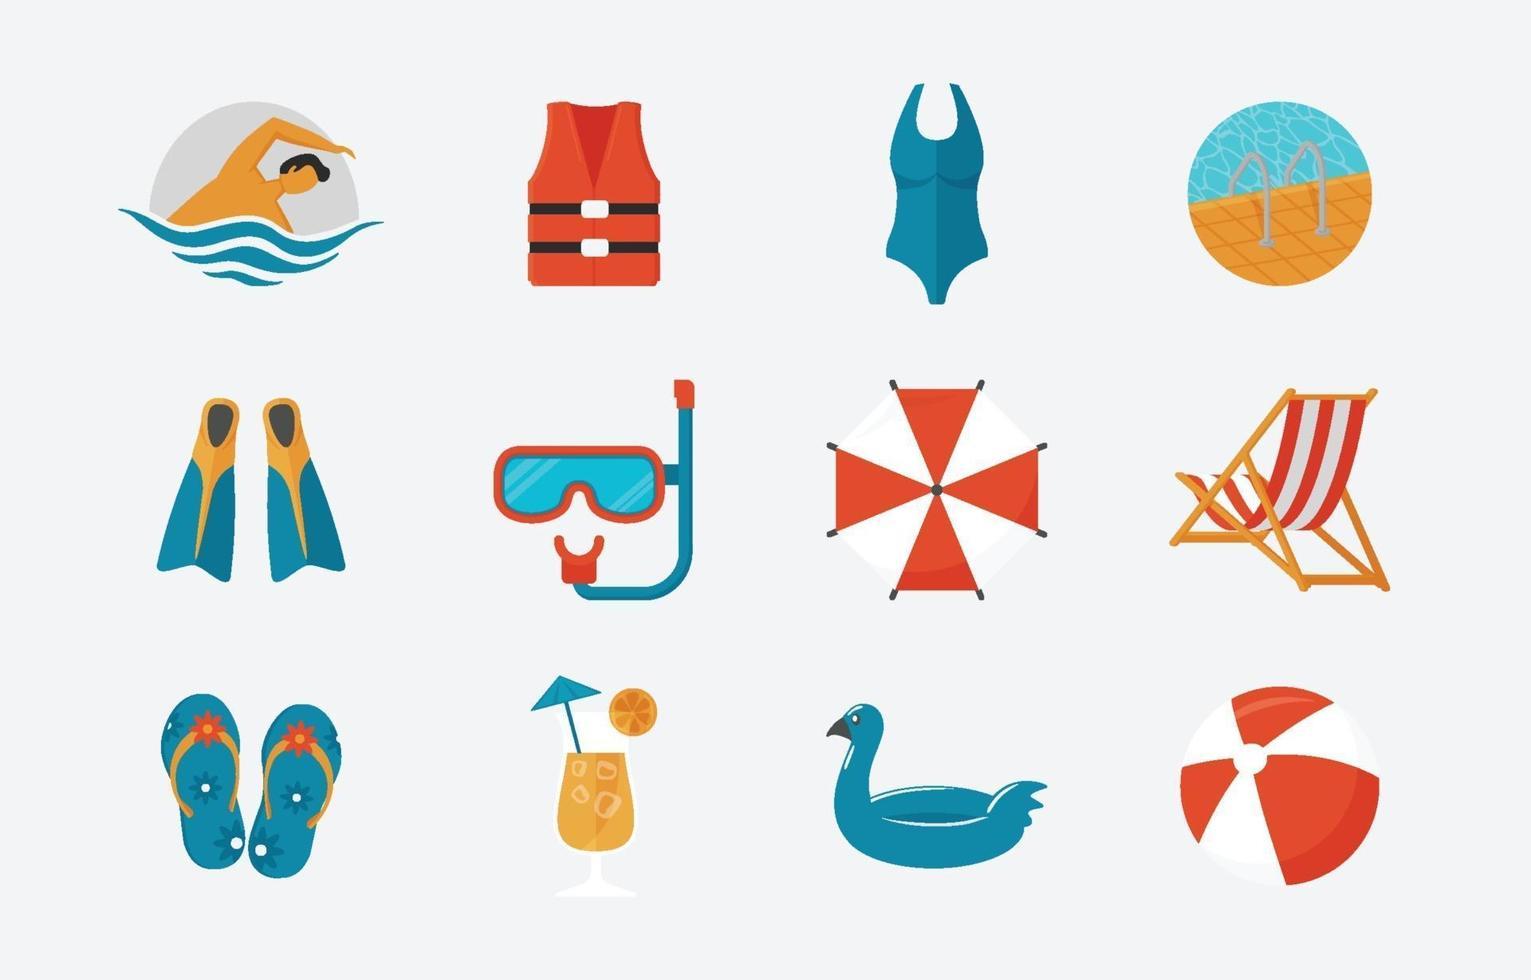 festa na piscina no ícone do verão vetor